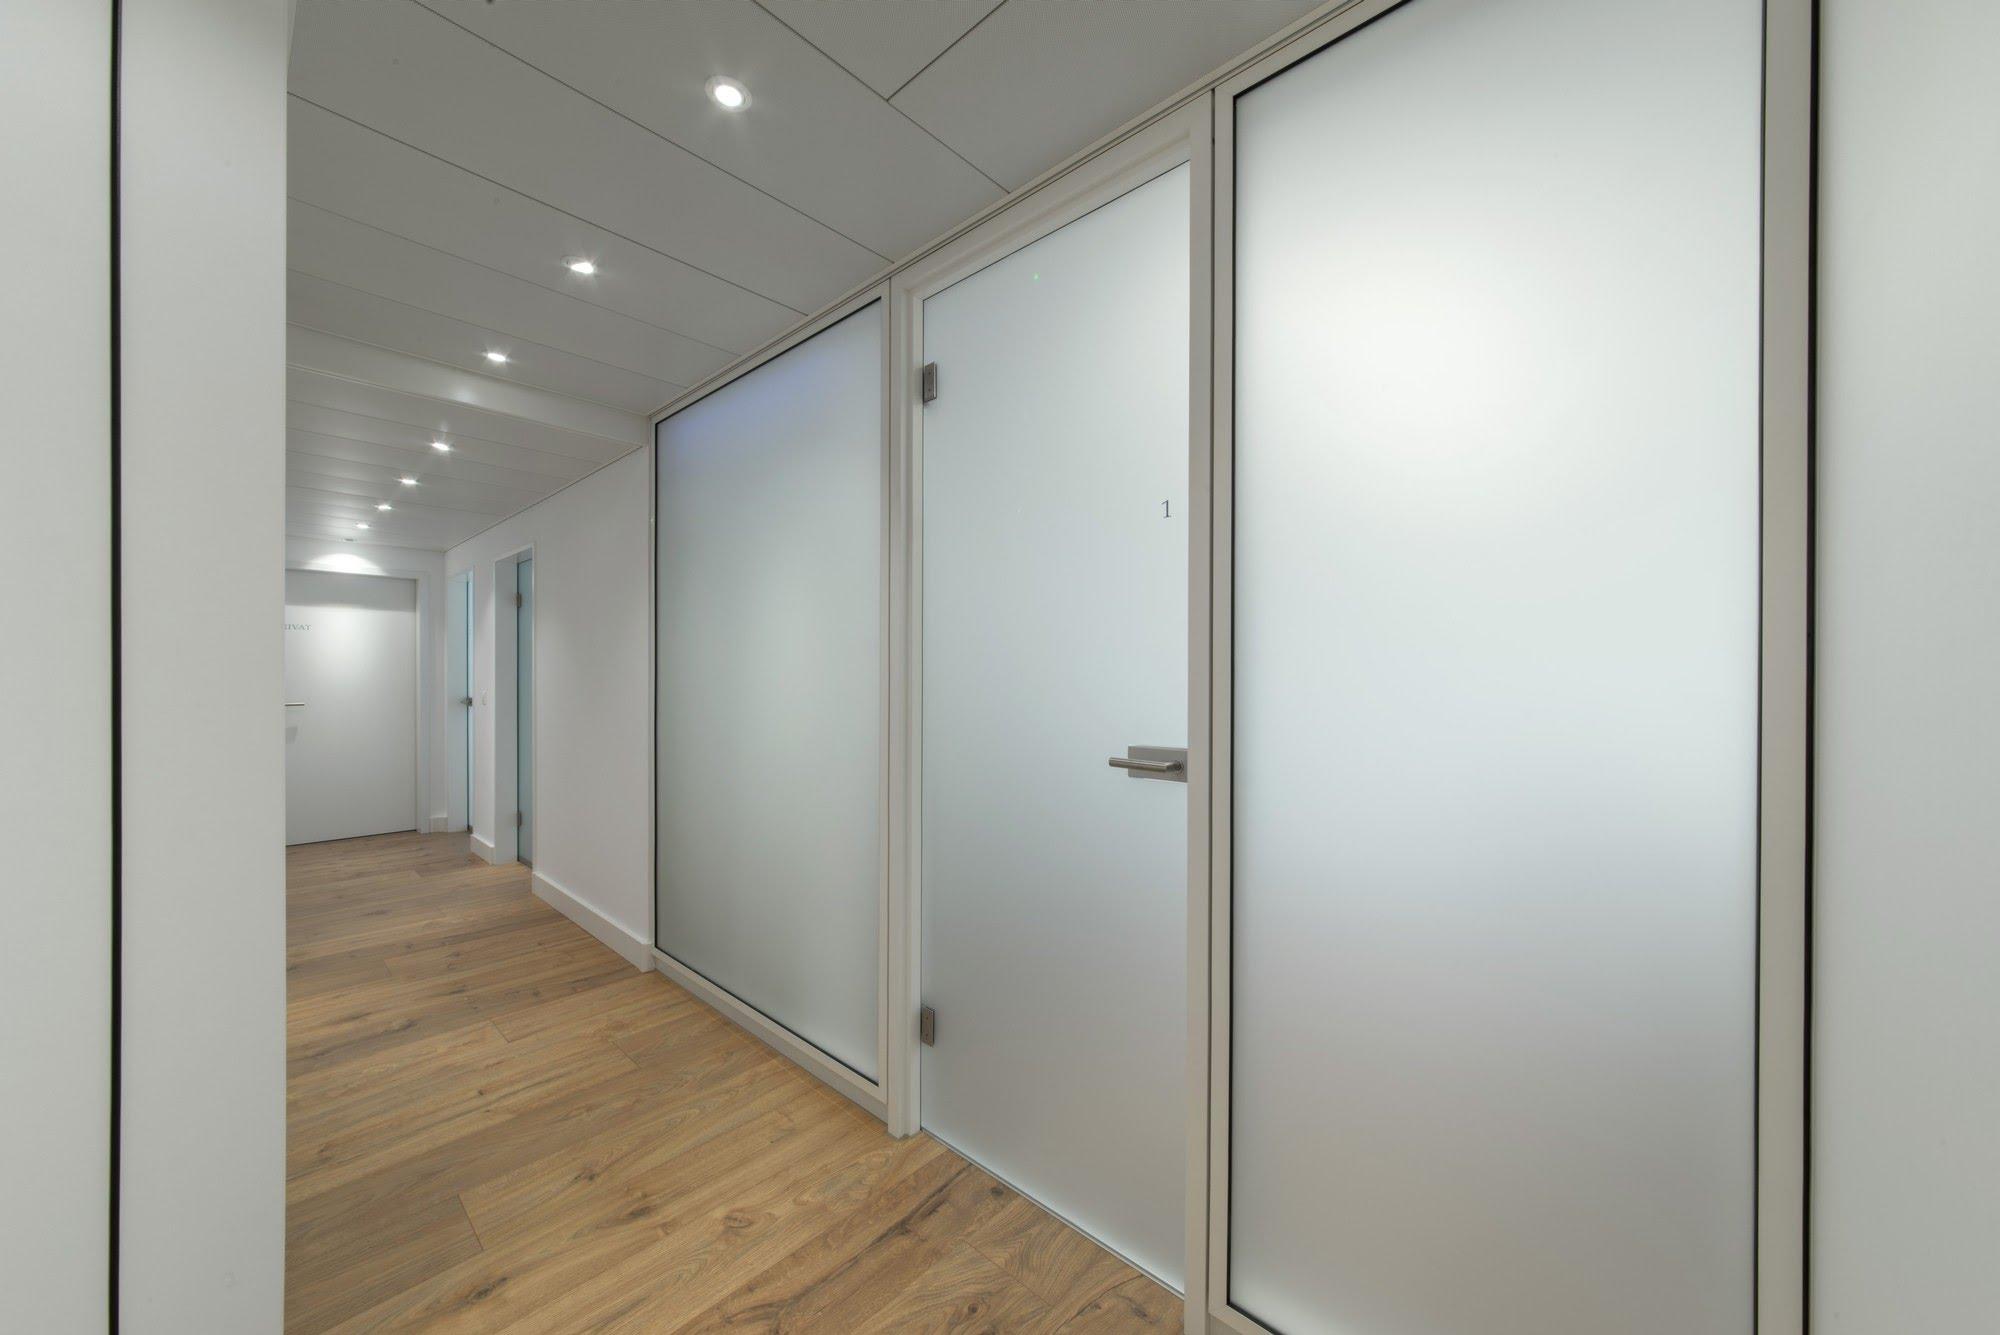 Deckenverkleidungen,Metalldecken,Novaflex - Bürotrennwand,Dr. Elfrida Salihi,Deckensystem-Wandsysteme,Trennwände Büro,Ganzglaswände,Bürotrennwand,Akustikdecken,Schallschutzdecken,Trennwände,Glaswände,Faltwände,Raumgestaltung,Trennwand Systeme